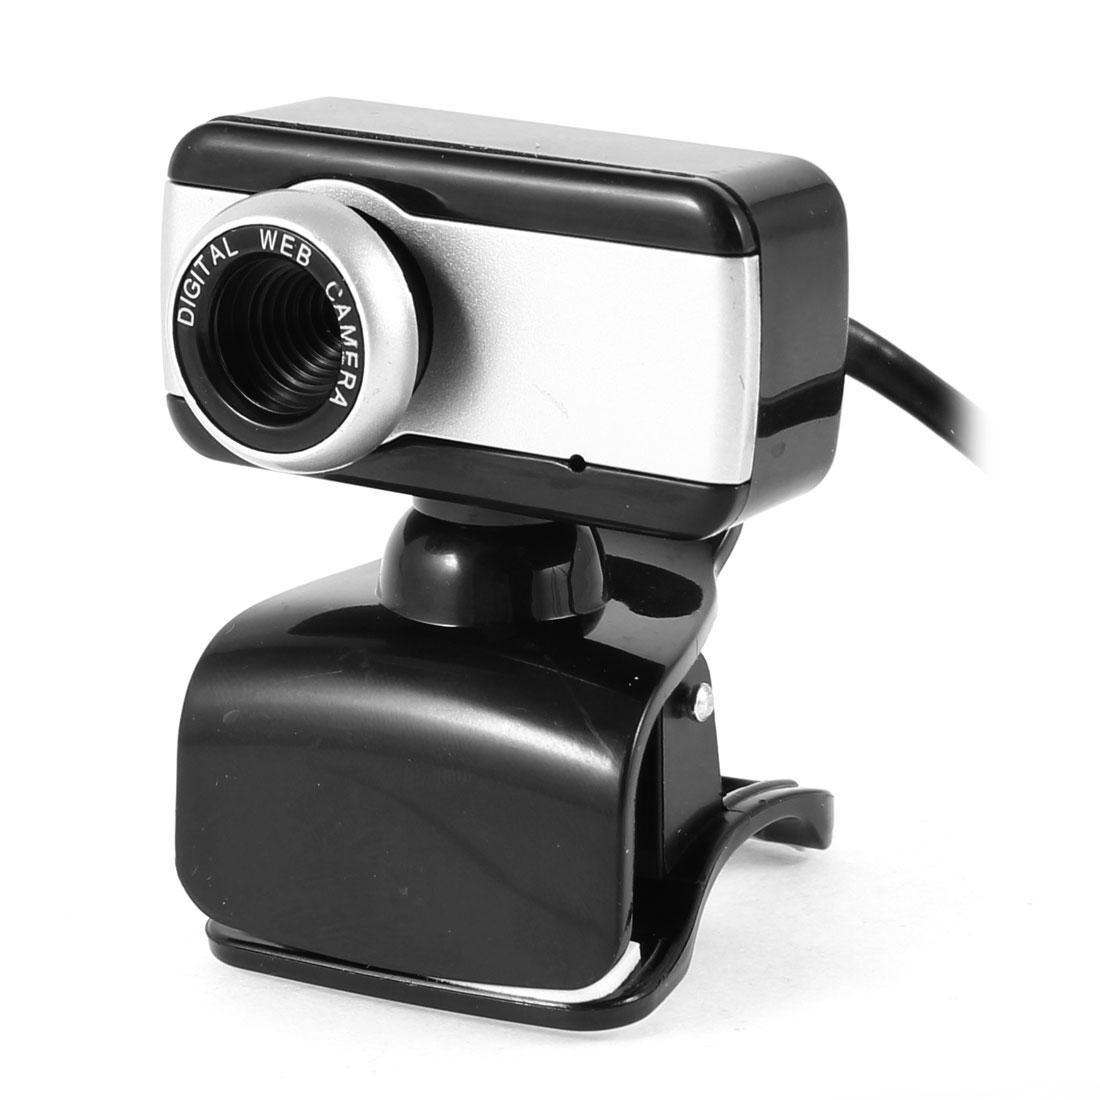 Clip 1004x1004 1.3 Mega Pixels Camera USB2.0 MIC Webcam Black for PC